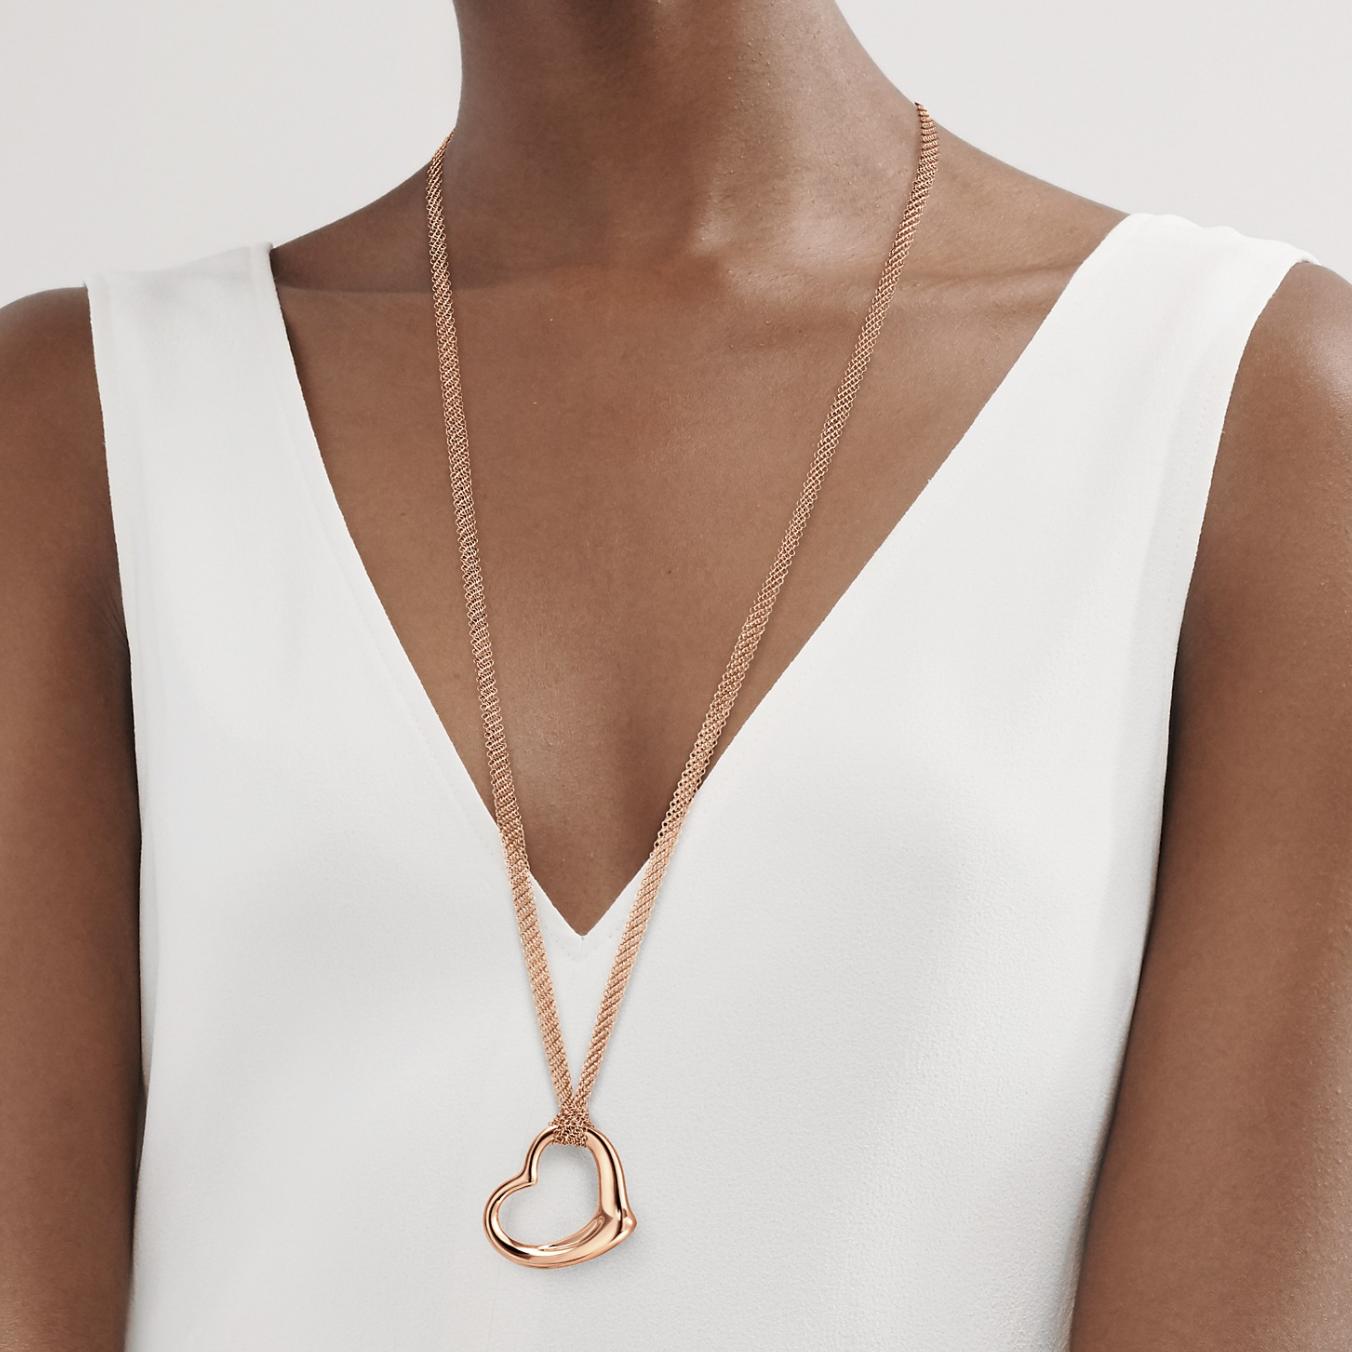 Elsa Peretti's Open Heart Mesh Pendant.